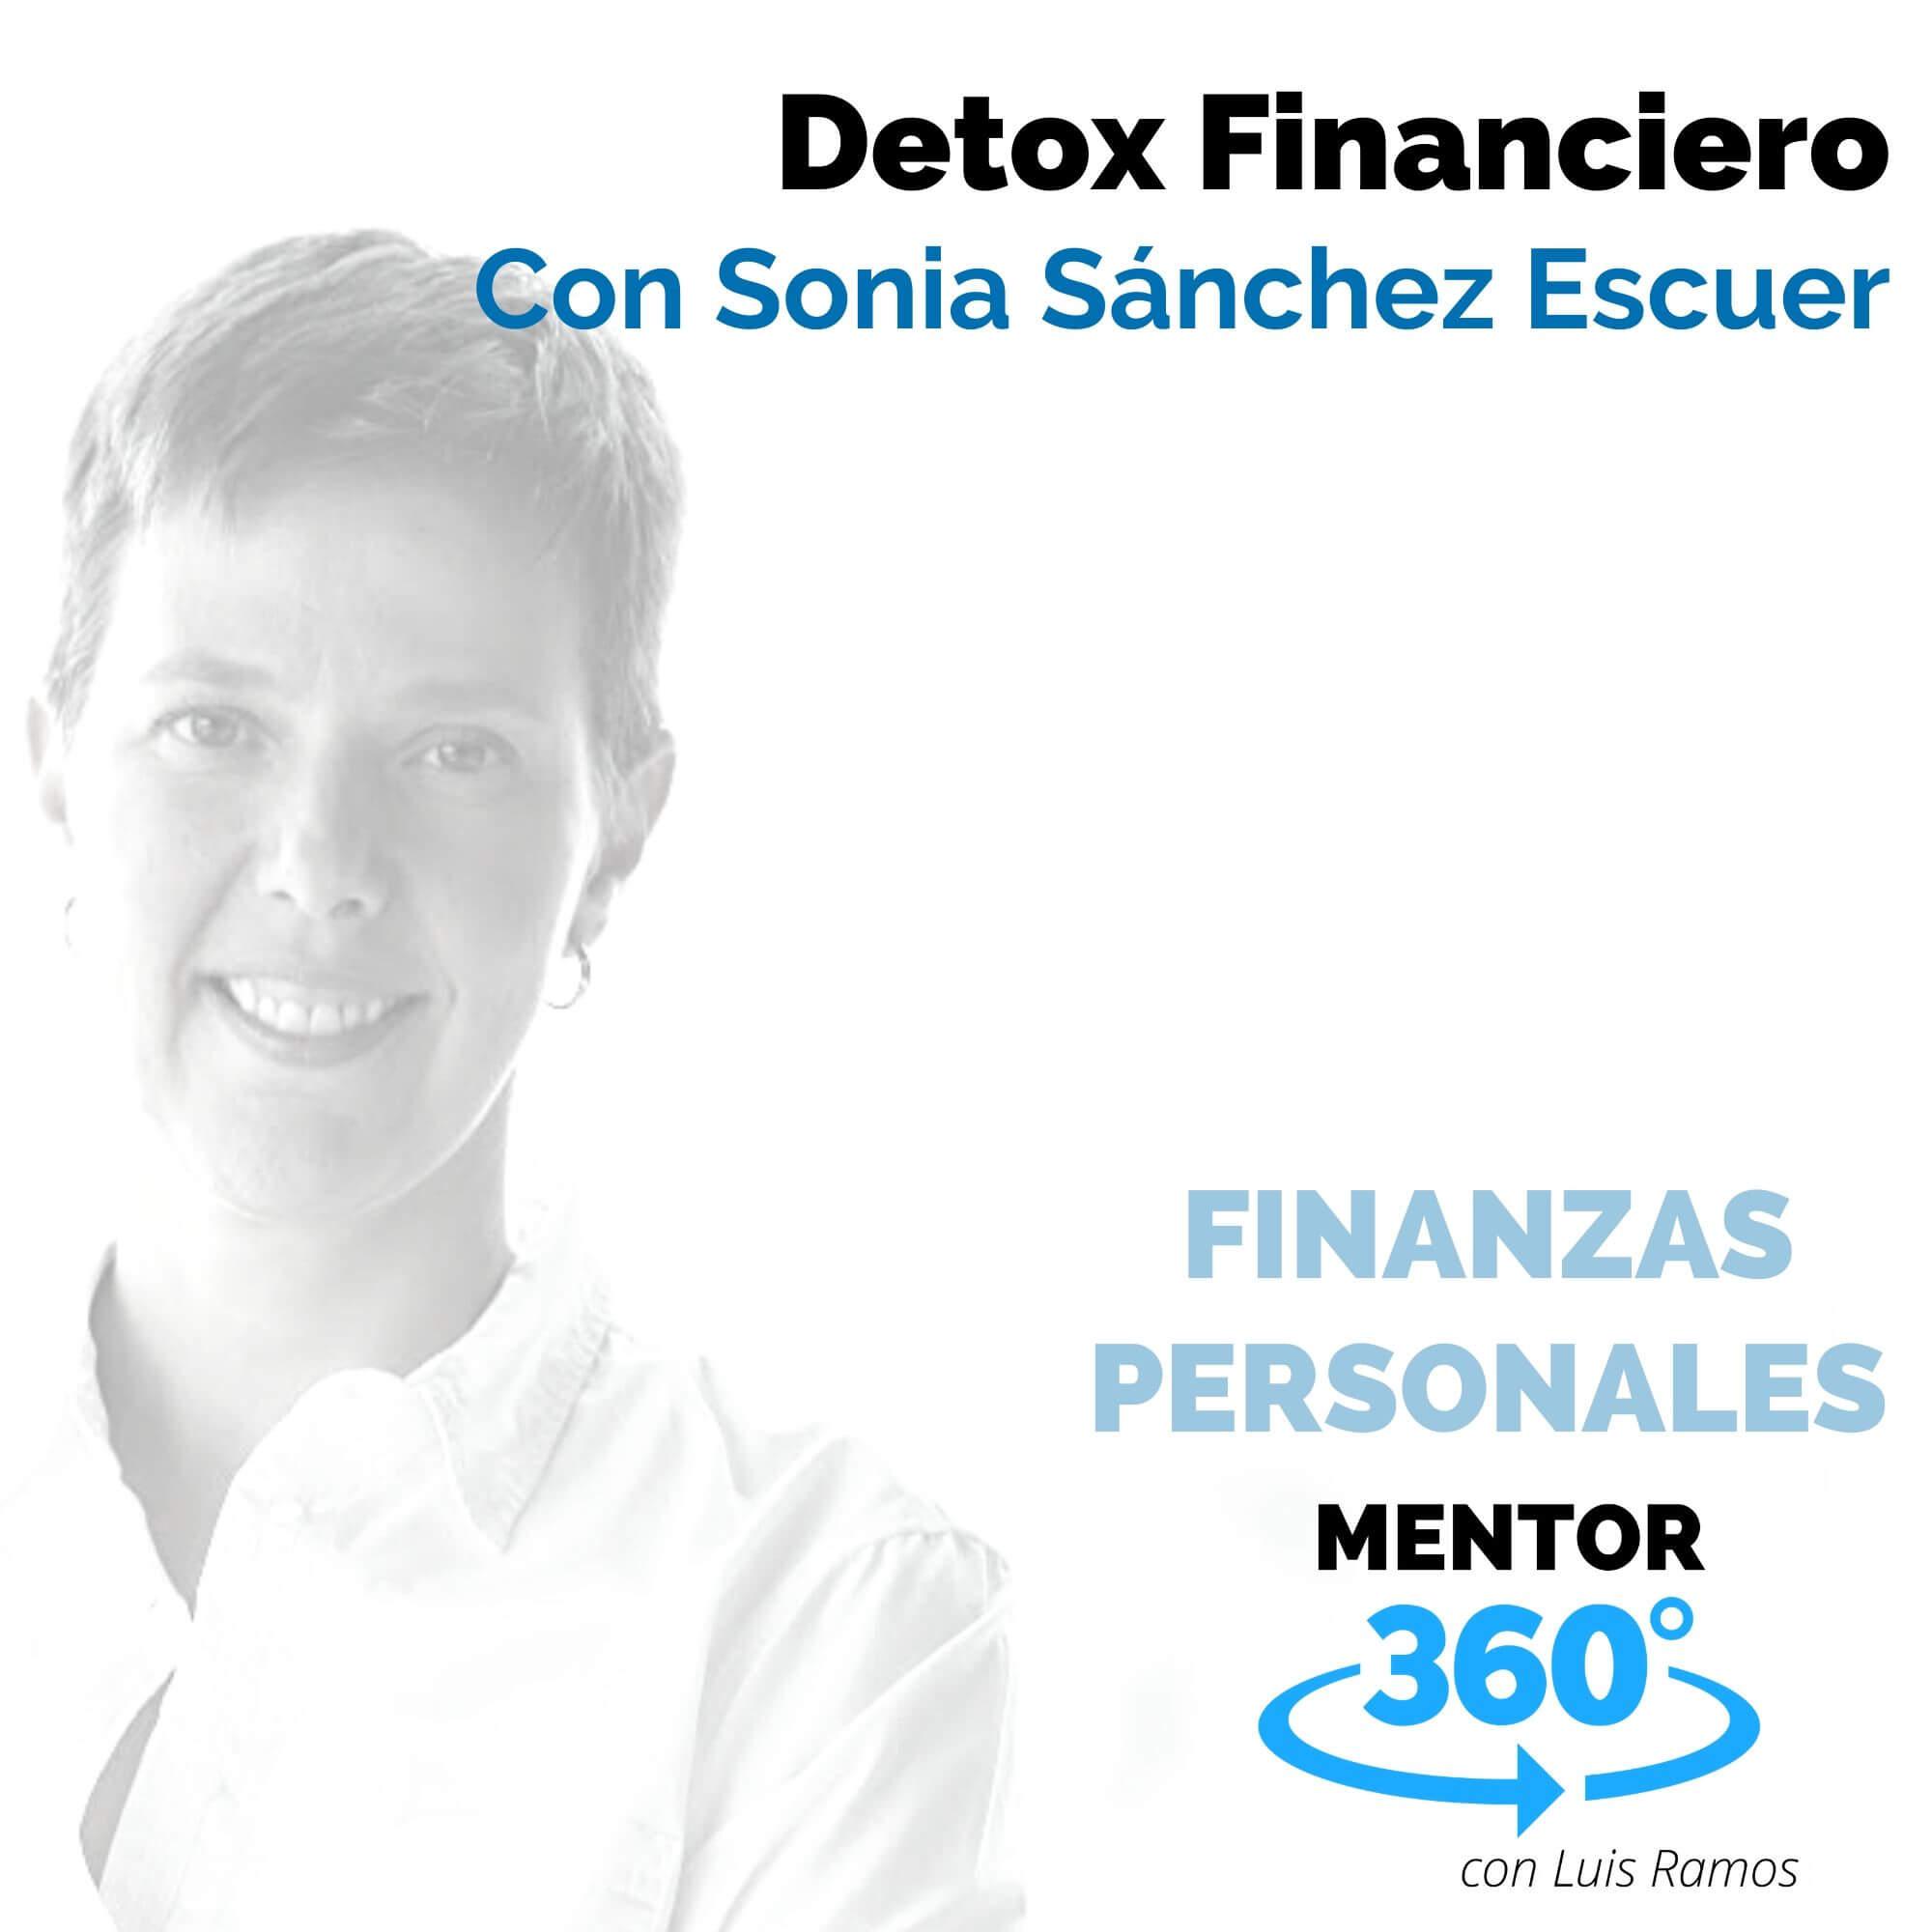 Detox Financiero, con Sonia Sánchez Escuer - FINANZAS PERSONALES